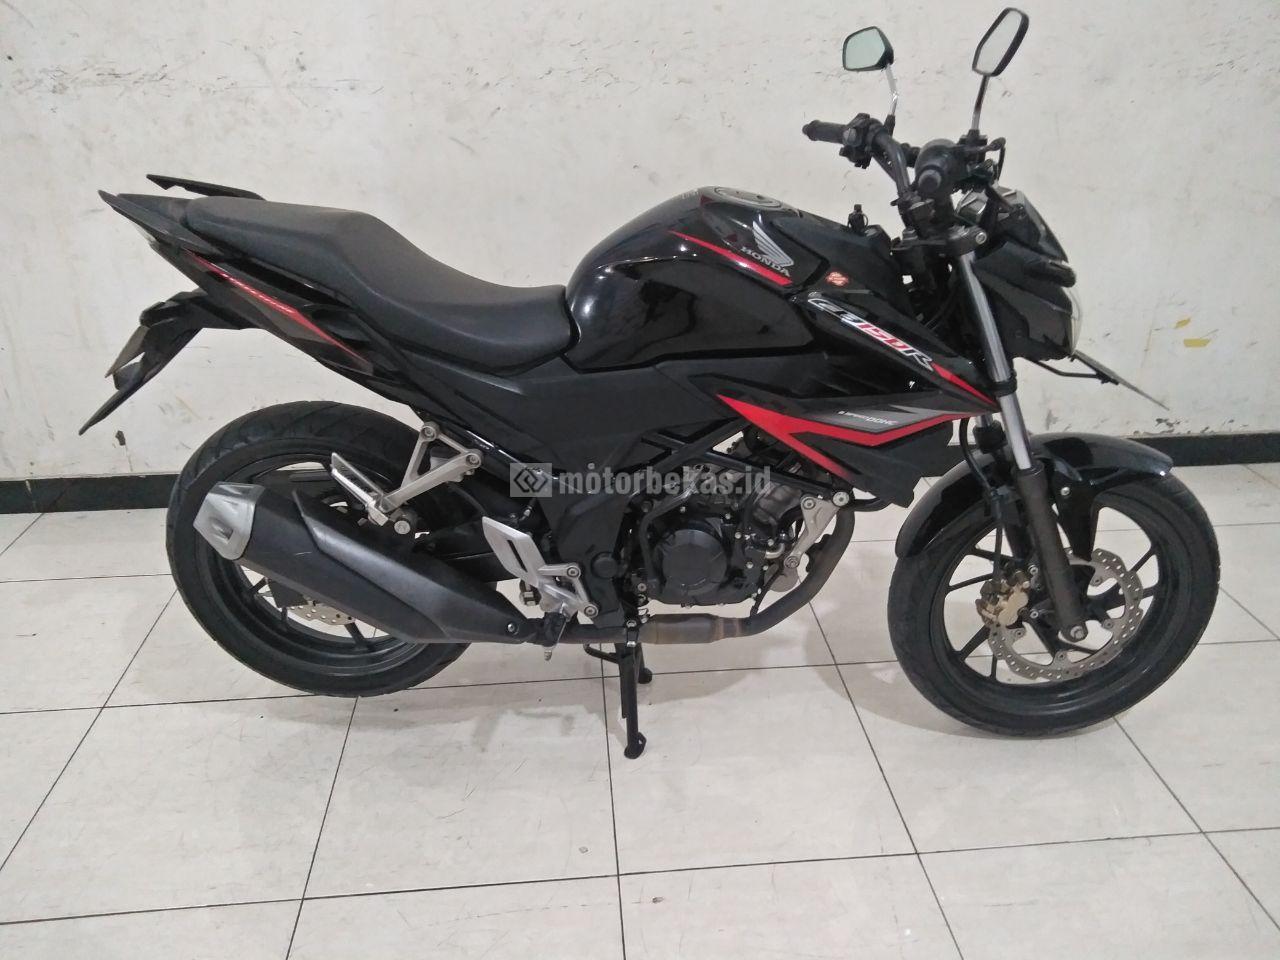 HONDA CB 150R  2018 motorbekas.id